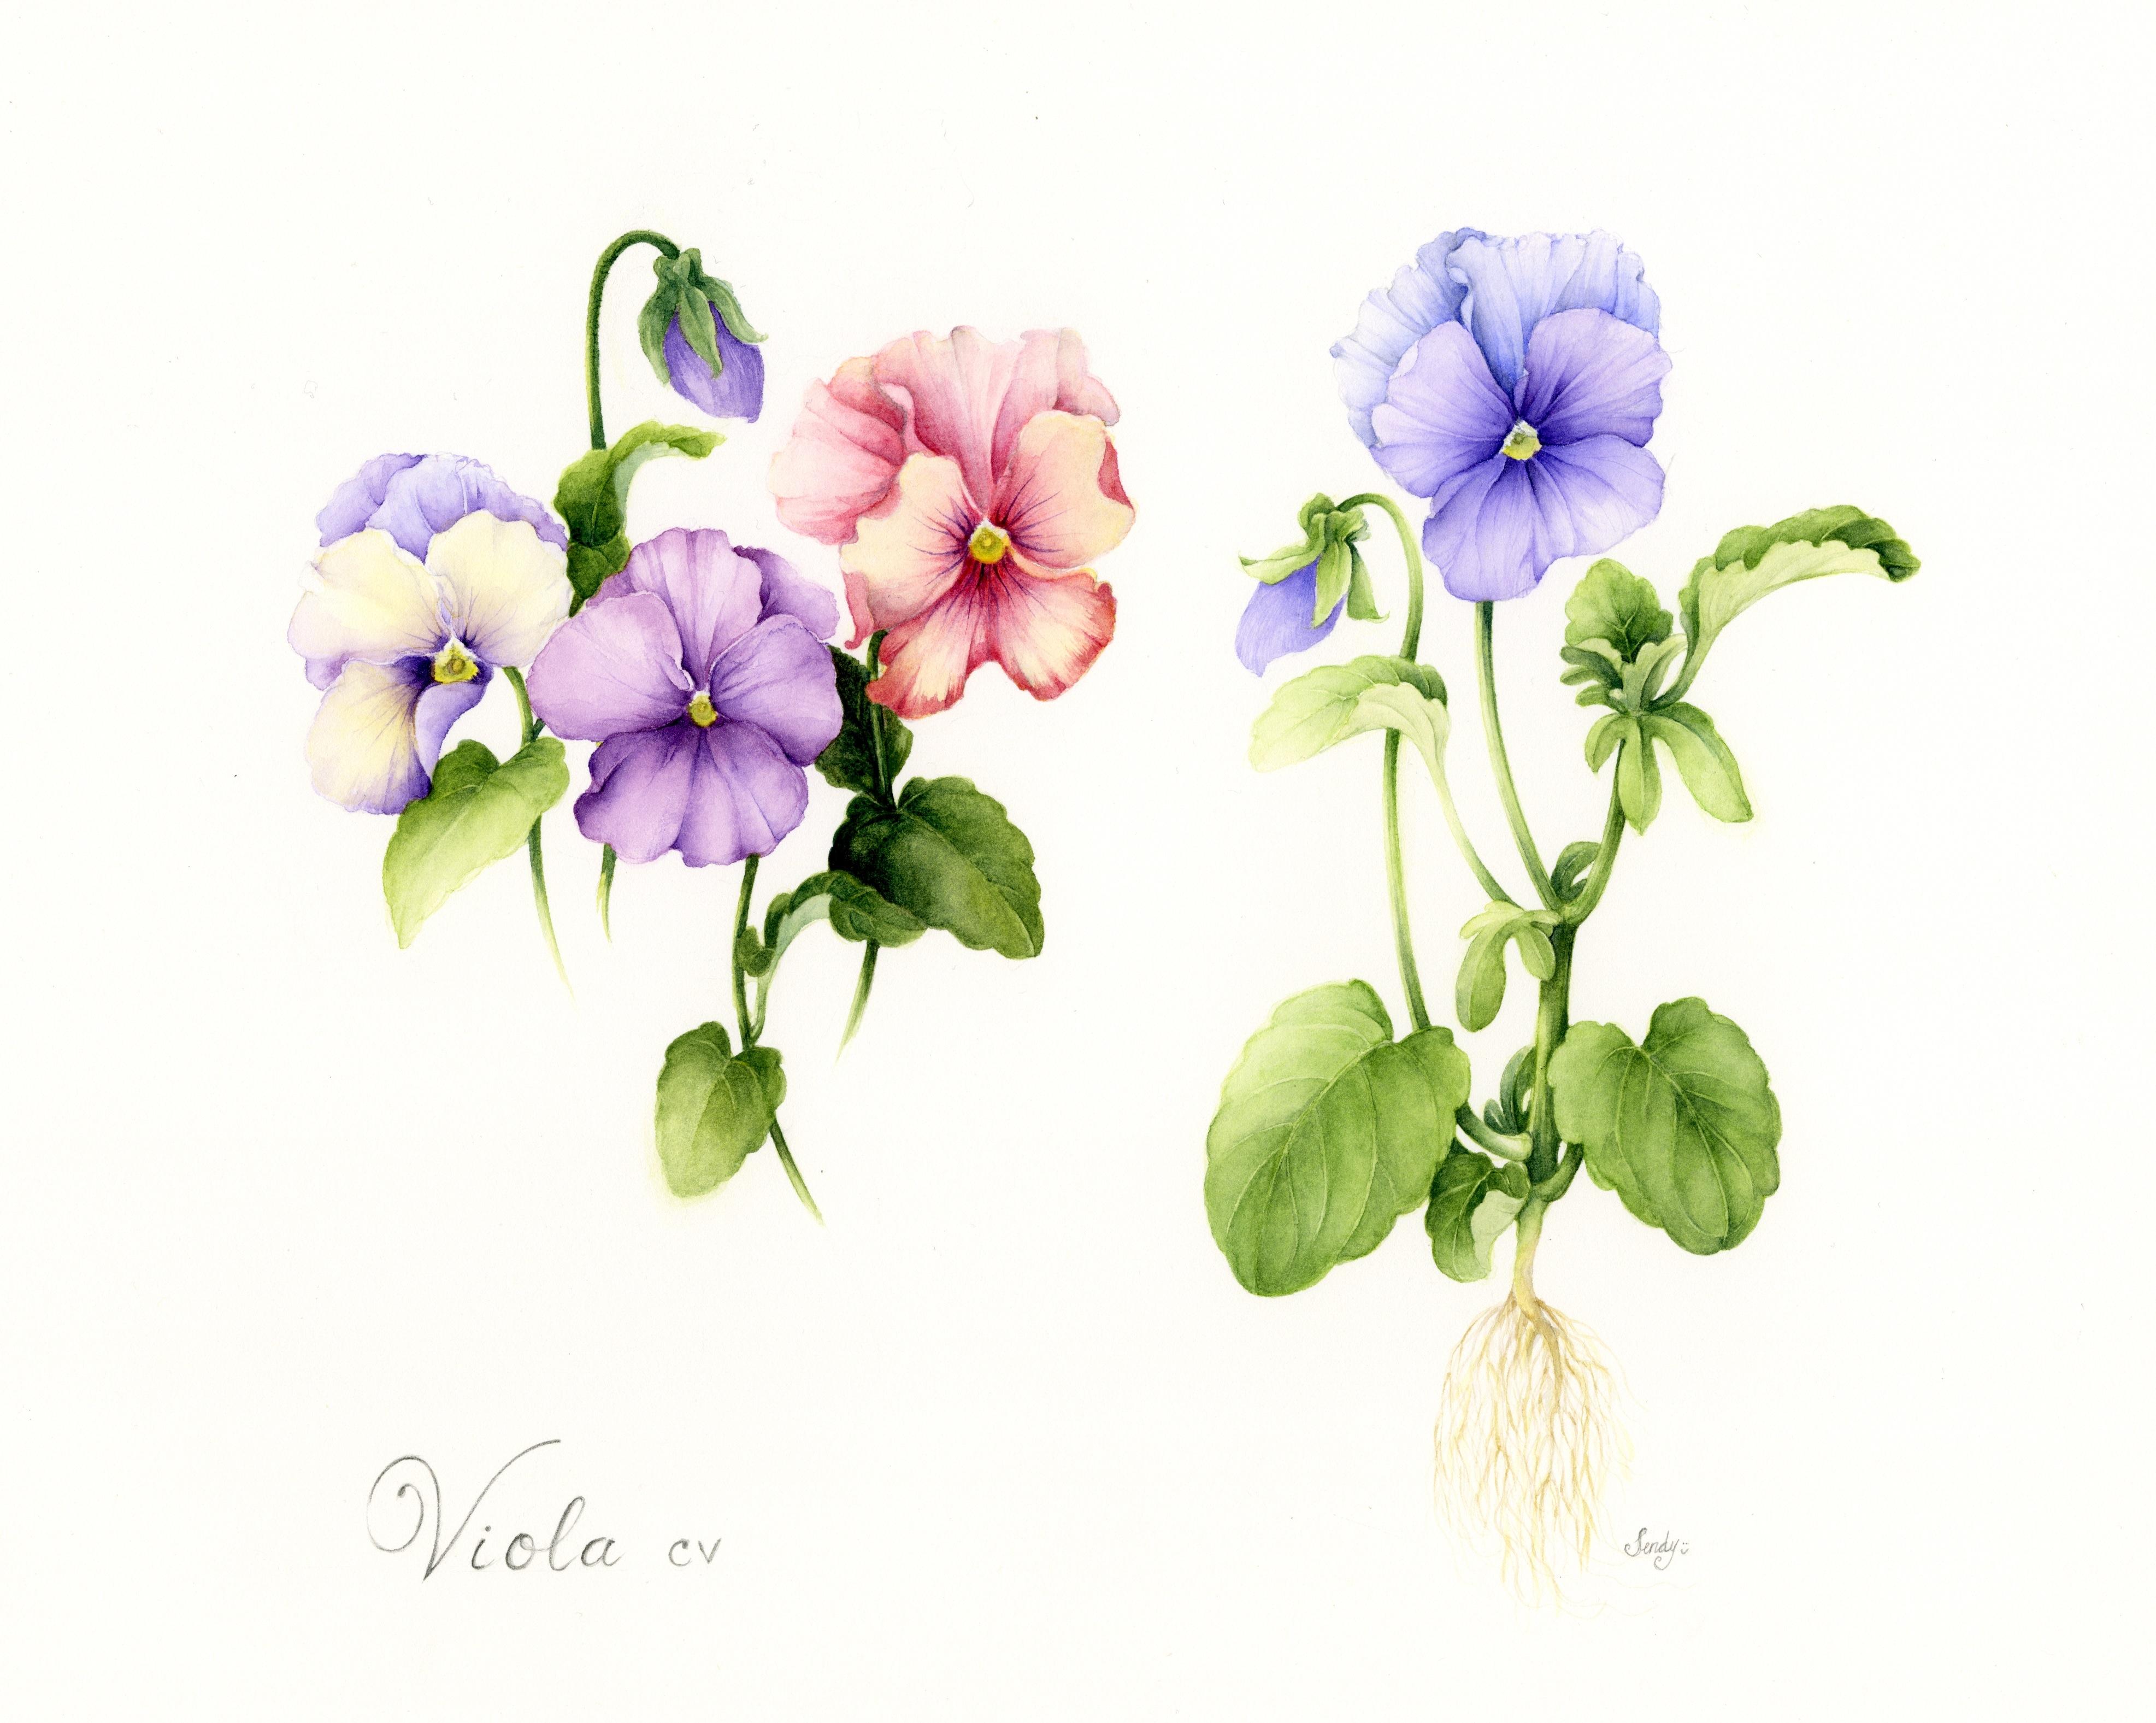 Viola cv